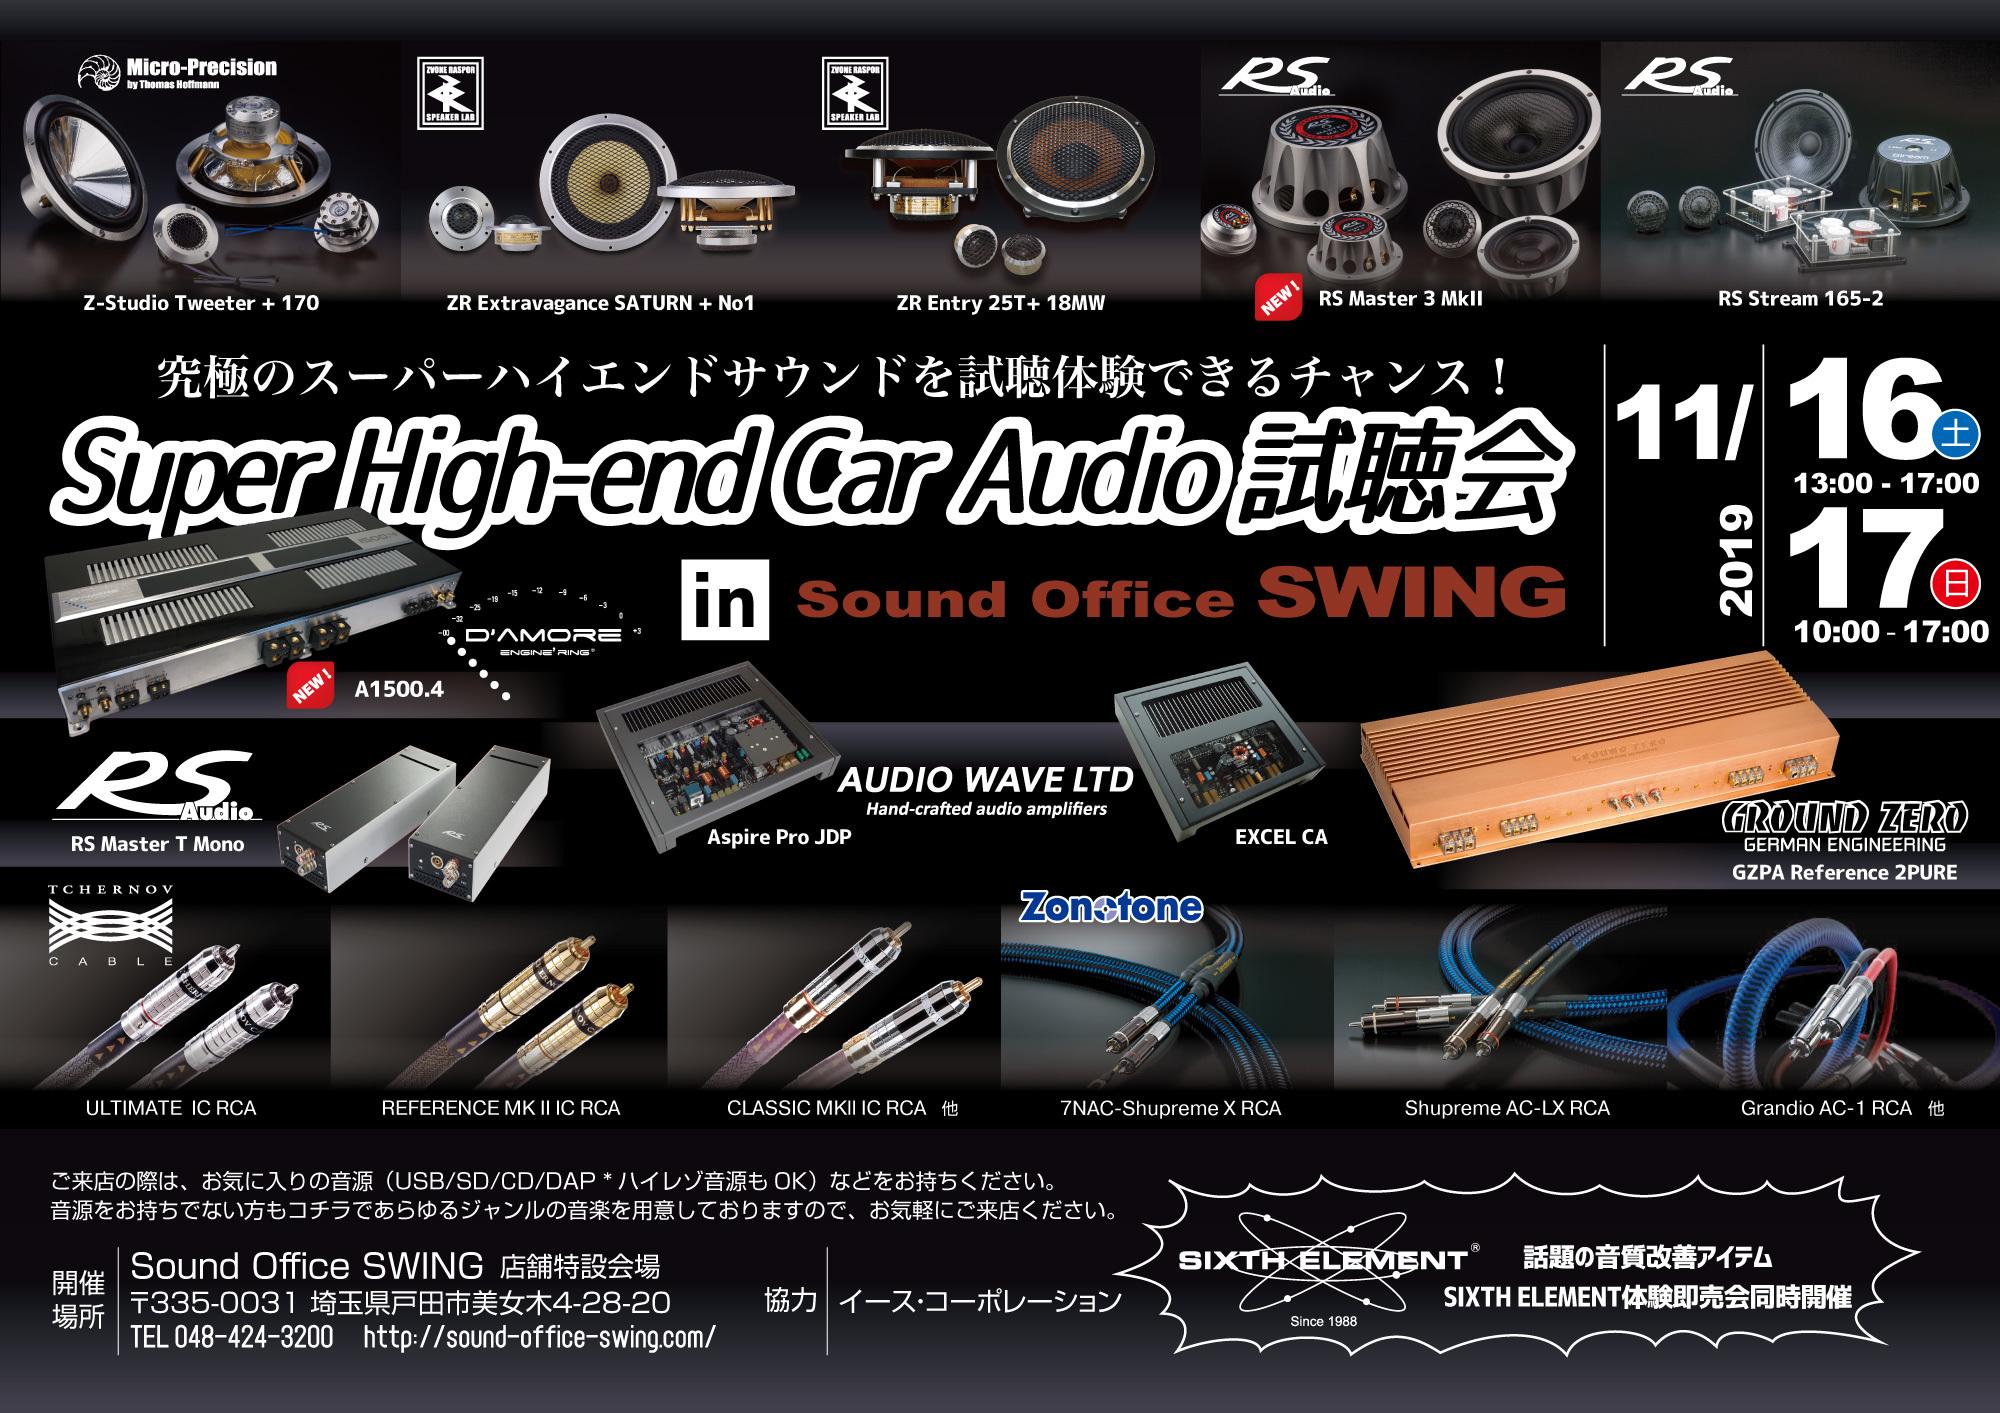 SoundOfficeSWING試聴会告知2000v2